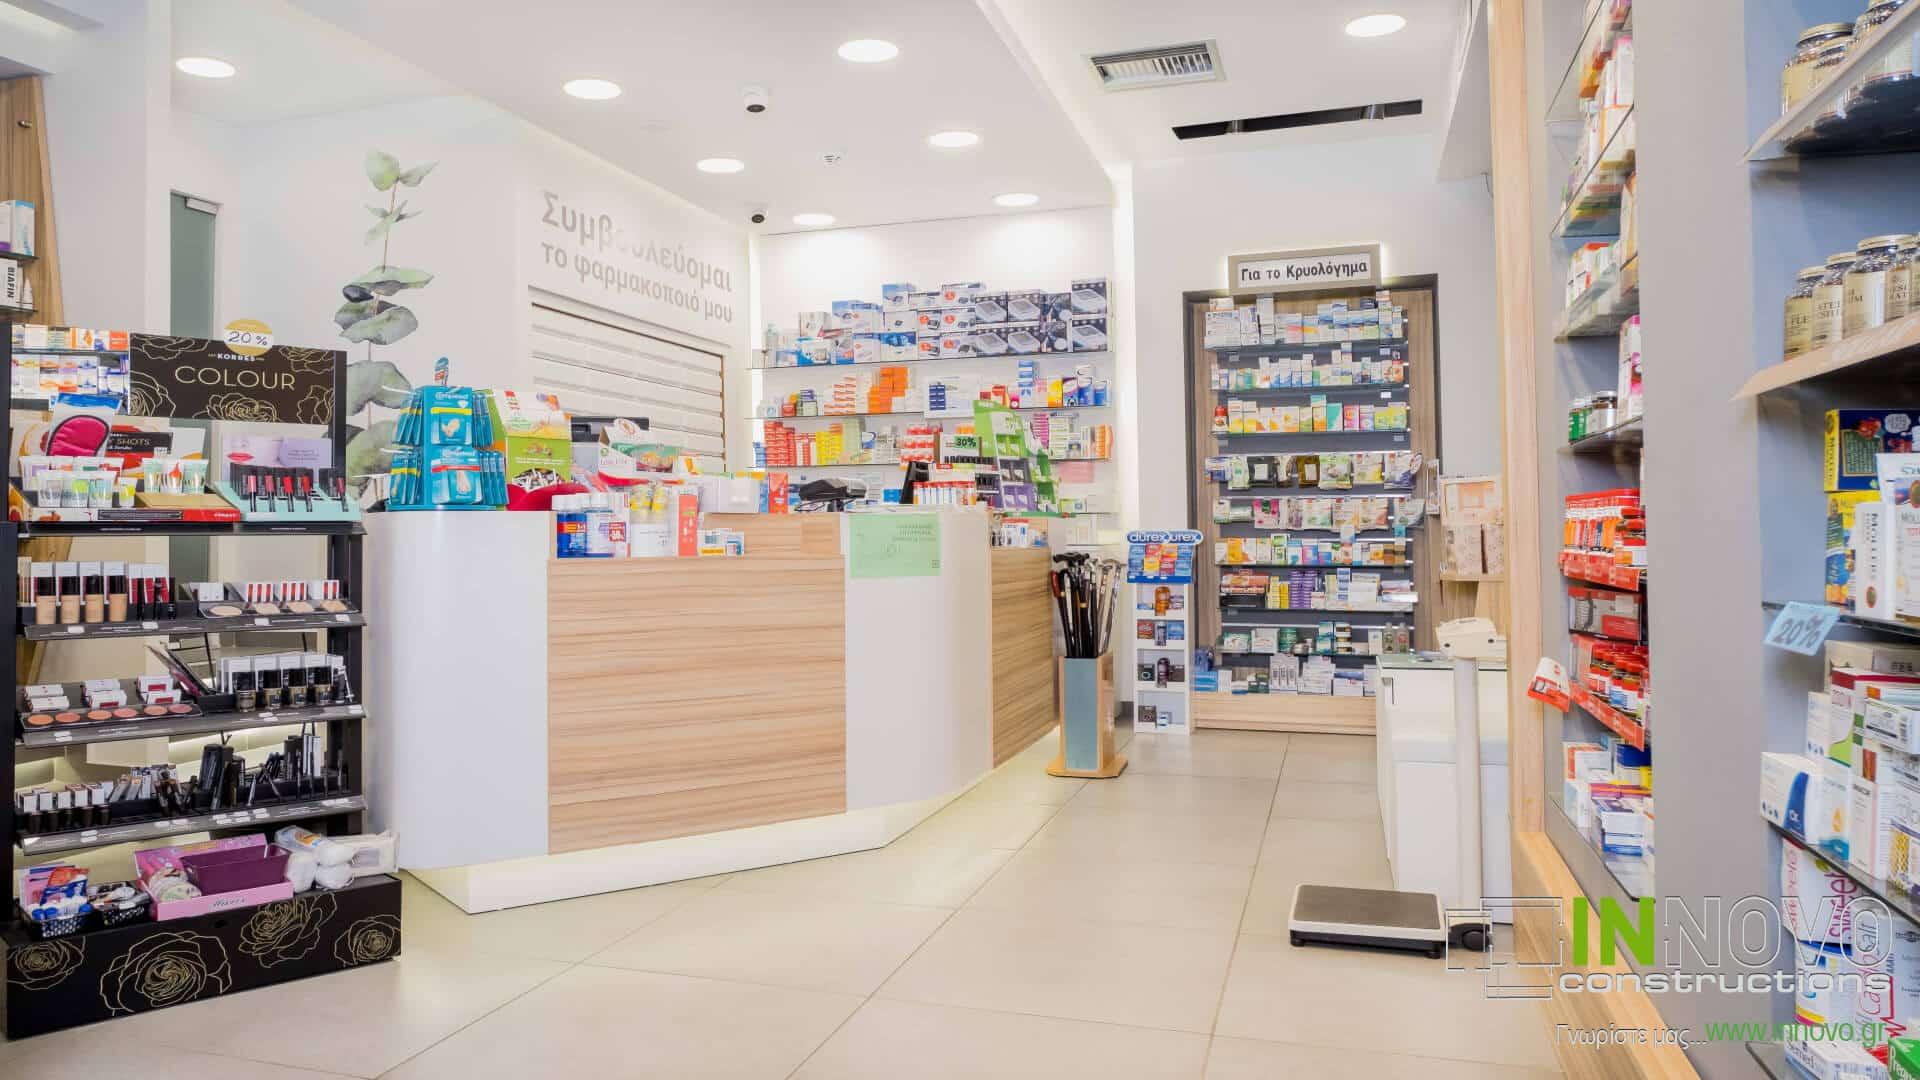 Στο Περιστέρι,ανακαίνιση εξοπλισμού φαρμακείου